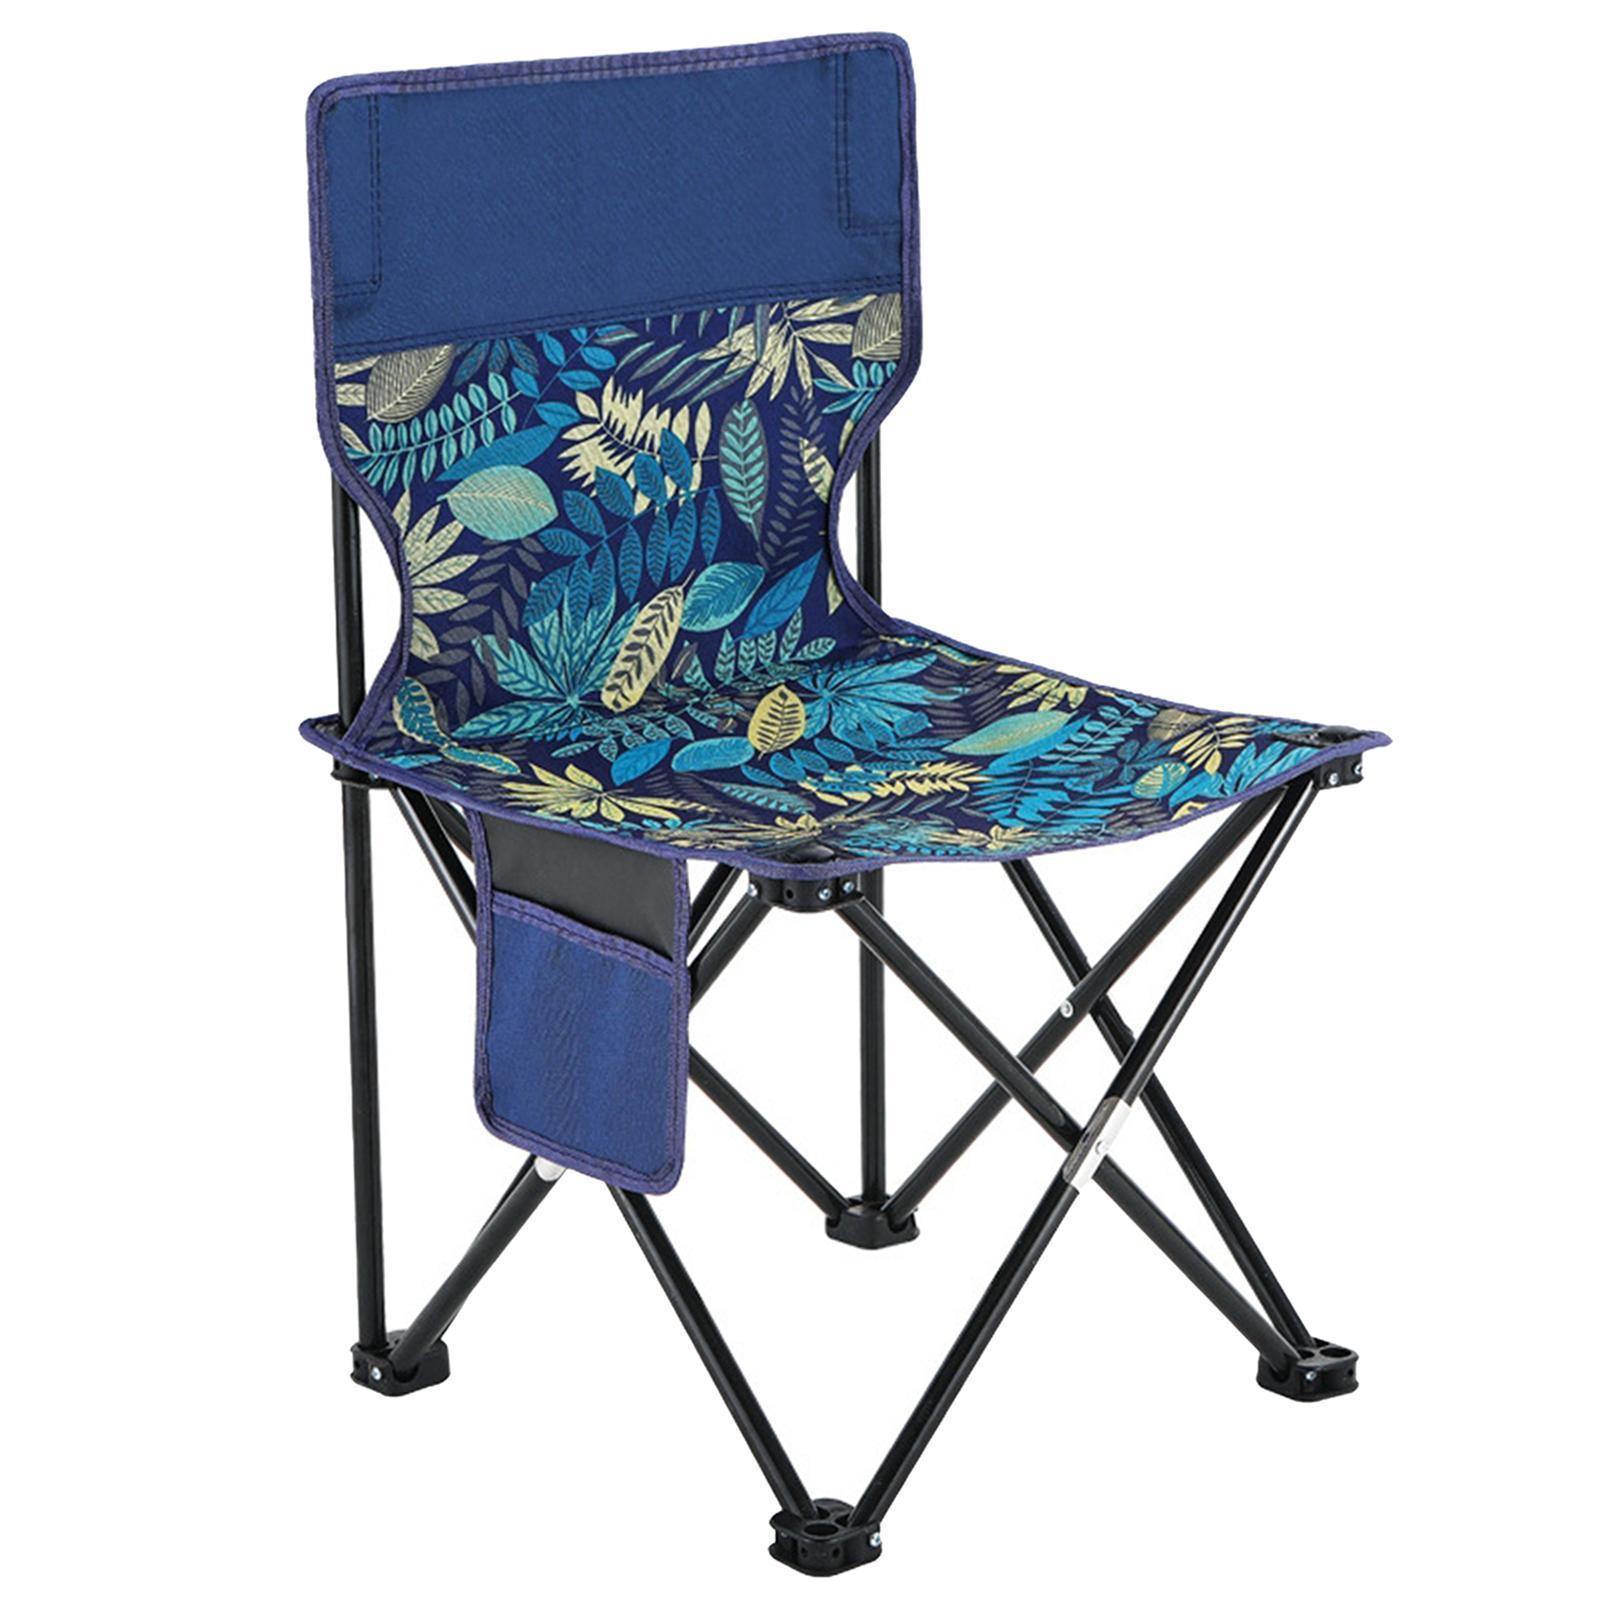 miniatura 3 - Sedia-da-campeggio-pieghevole-Sedia-da-spiaggia-Sgabello-da-pesca-Picnic-Outdoor